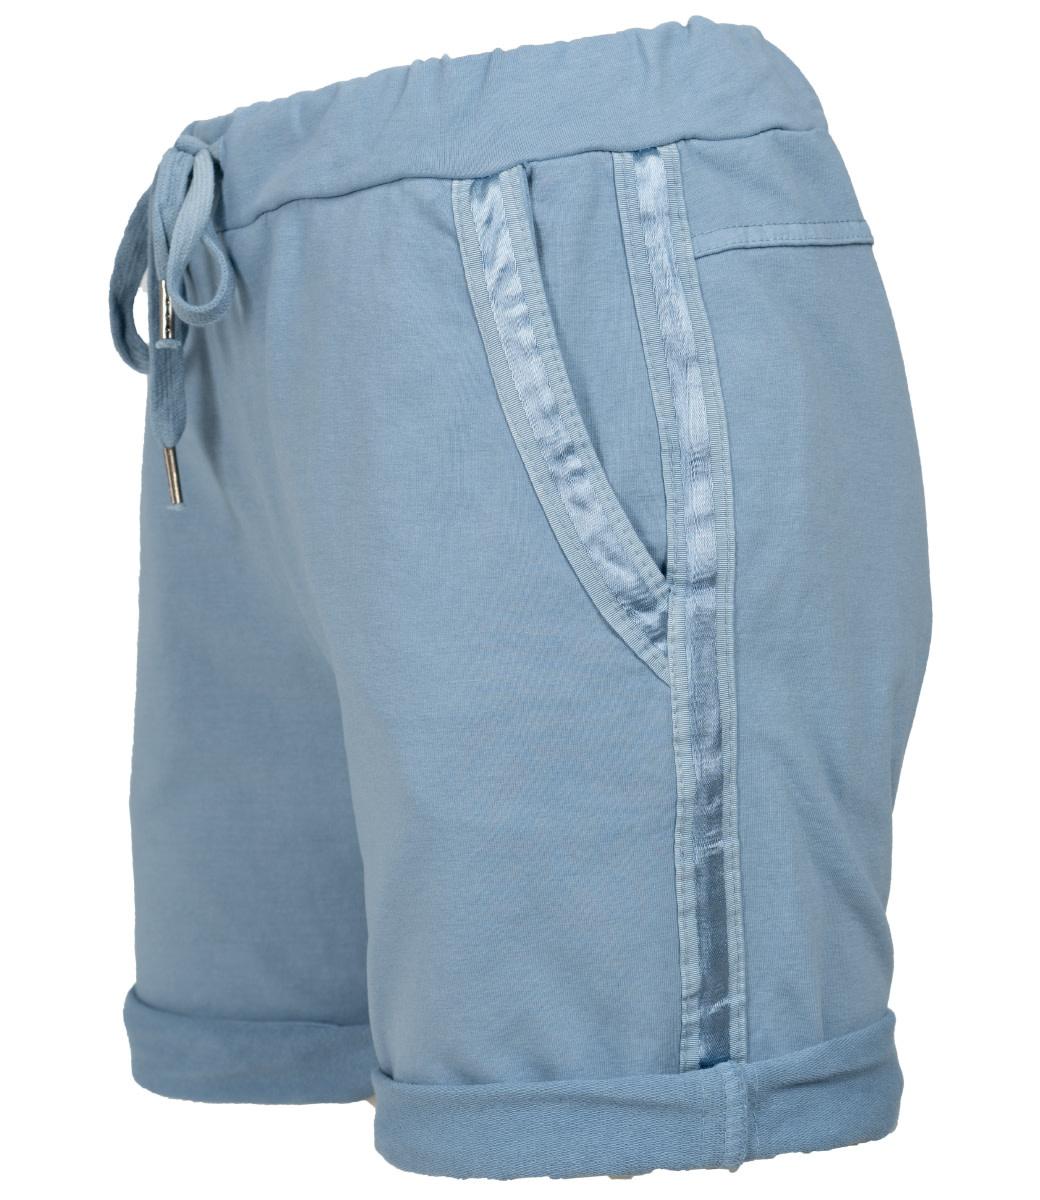 Gemma Ricceri Korte broek jeansblauw Nienke